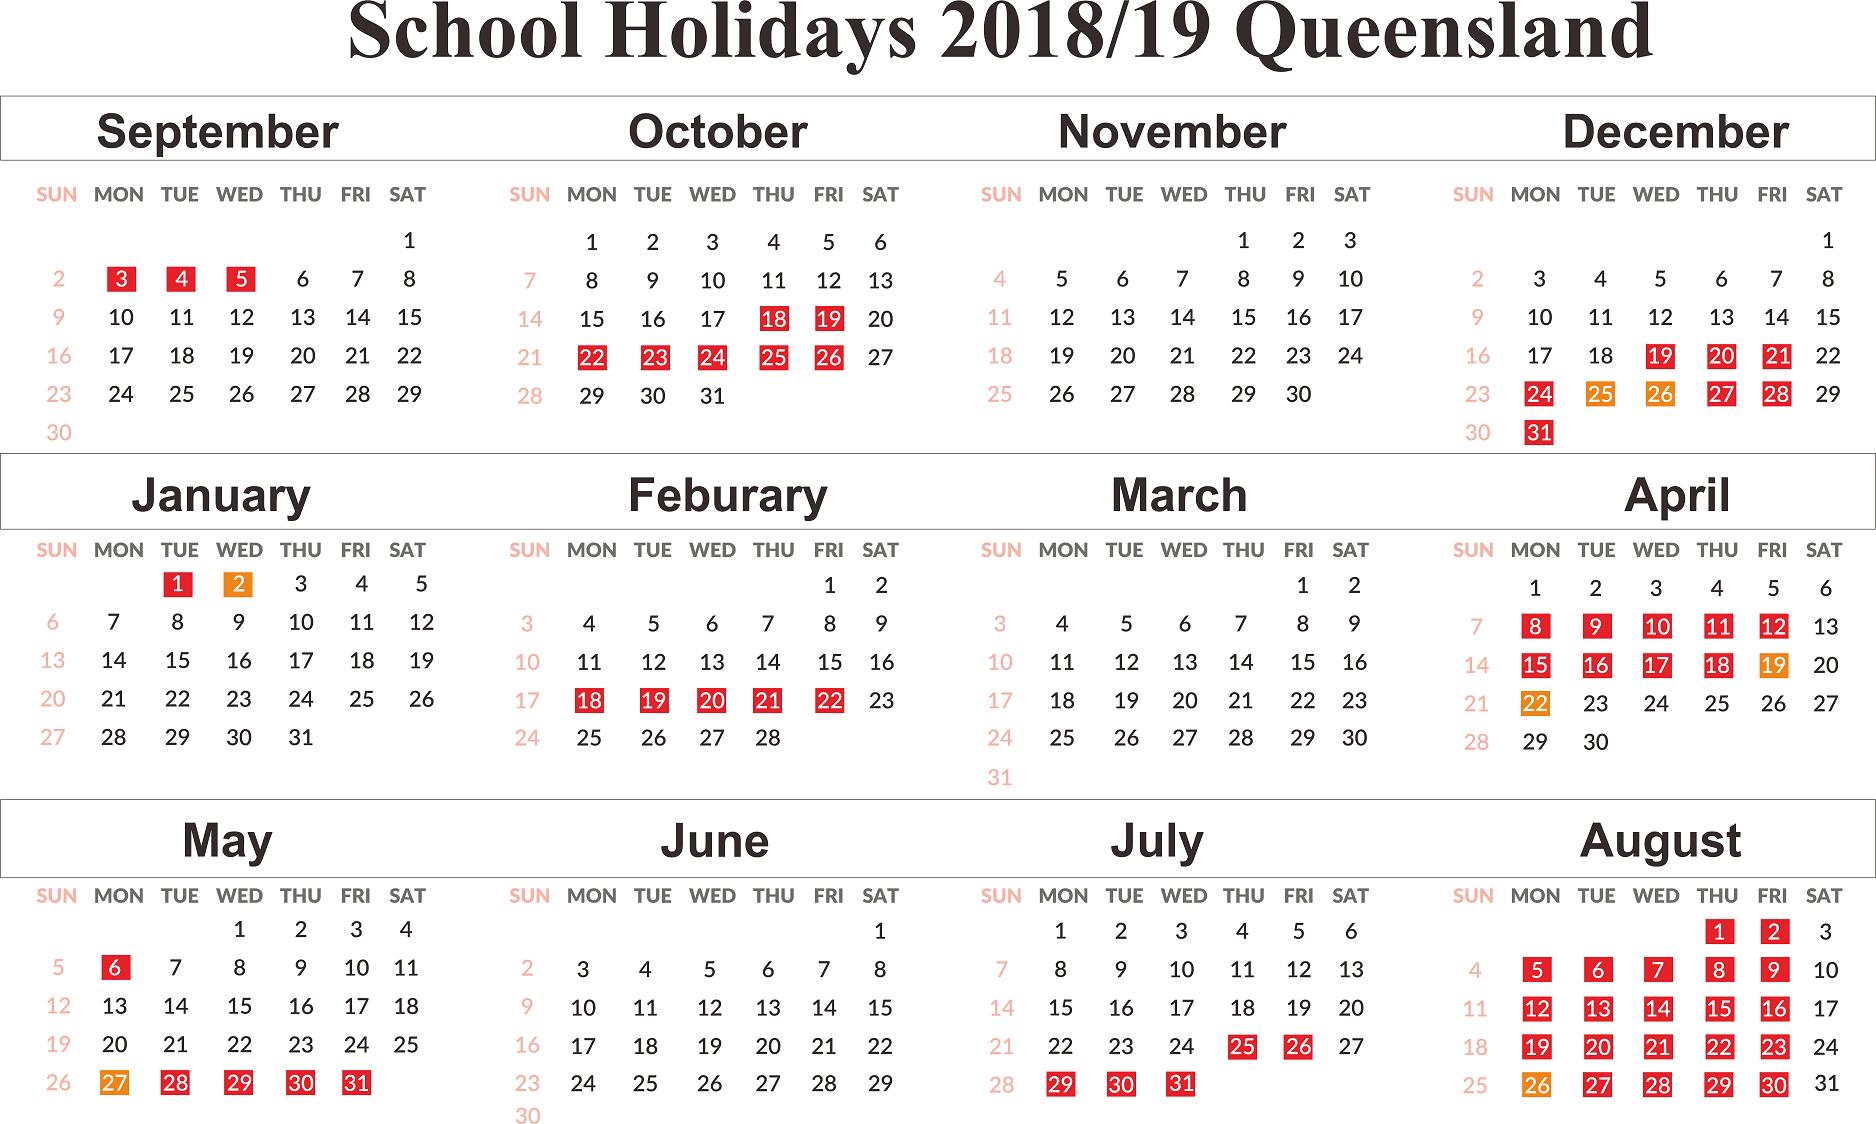 Free Qld (Queensland) School Holidays Calendar 2018-2019